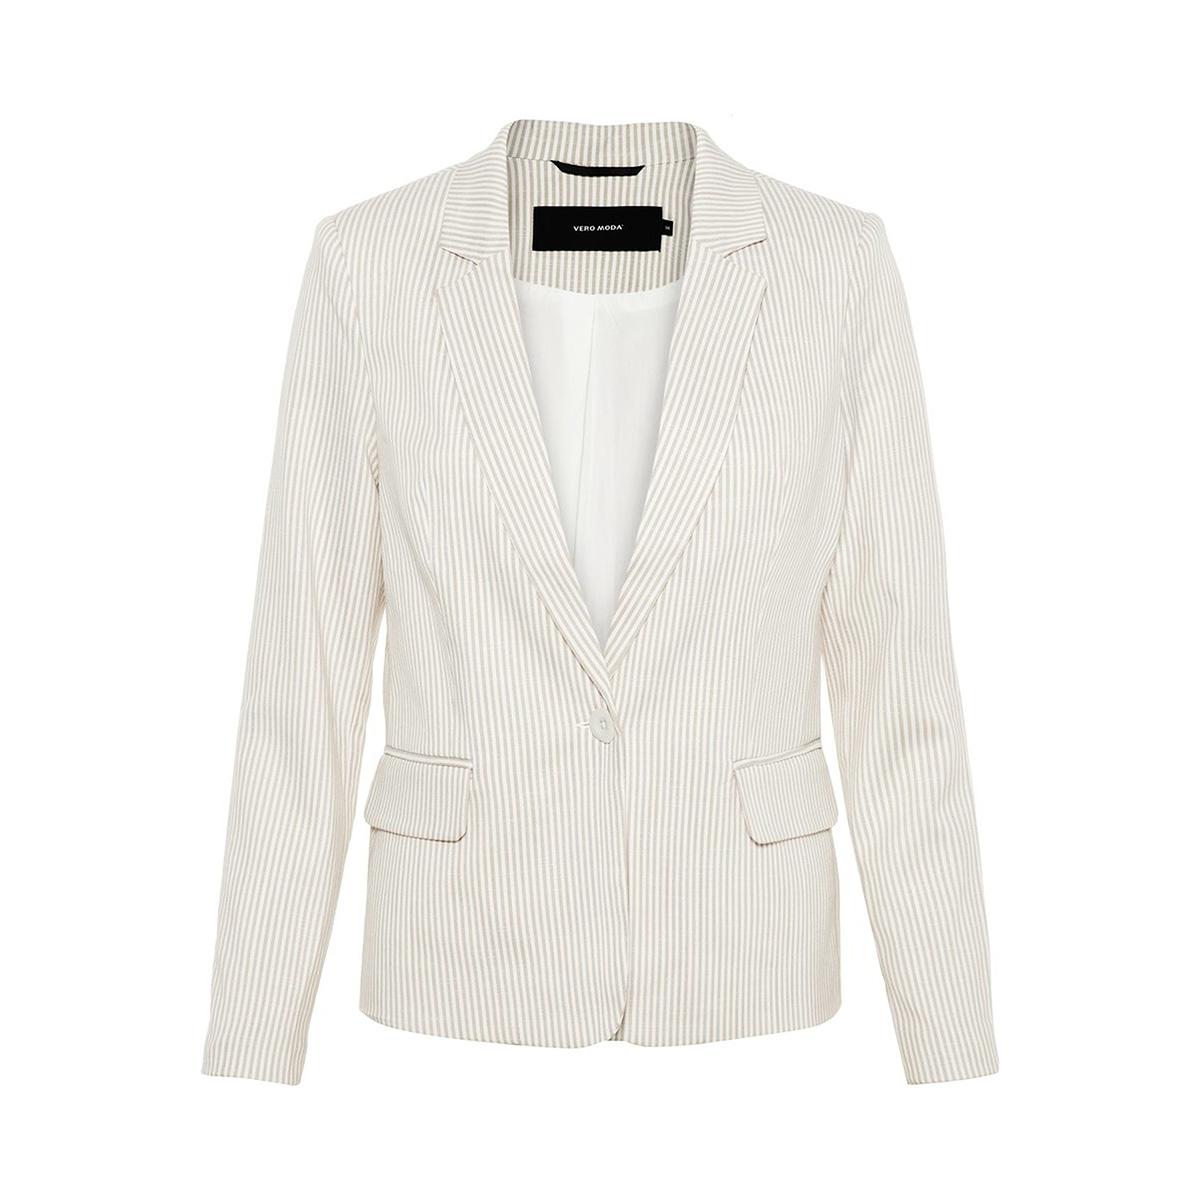 vmgally 7/8 blazer 10214319 vero moda blazer oatmea/snow white